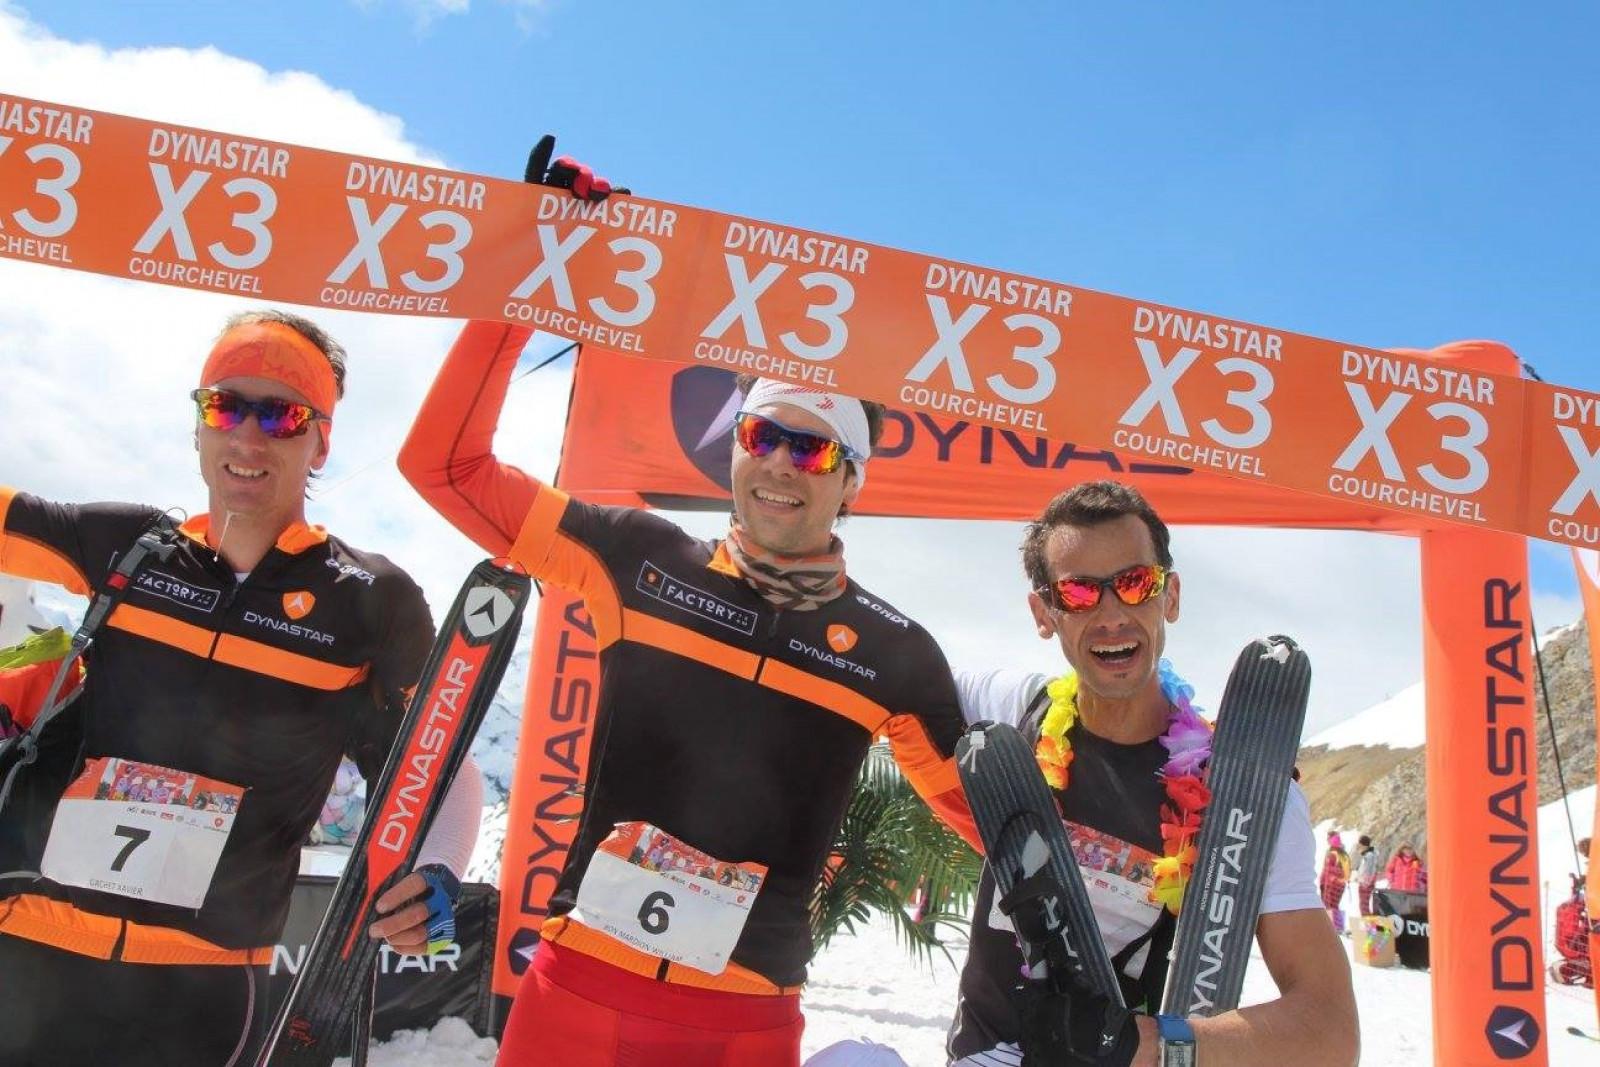 Dynastar X3® Courchevel : La chasse aux médailles pour le Factory Team !